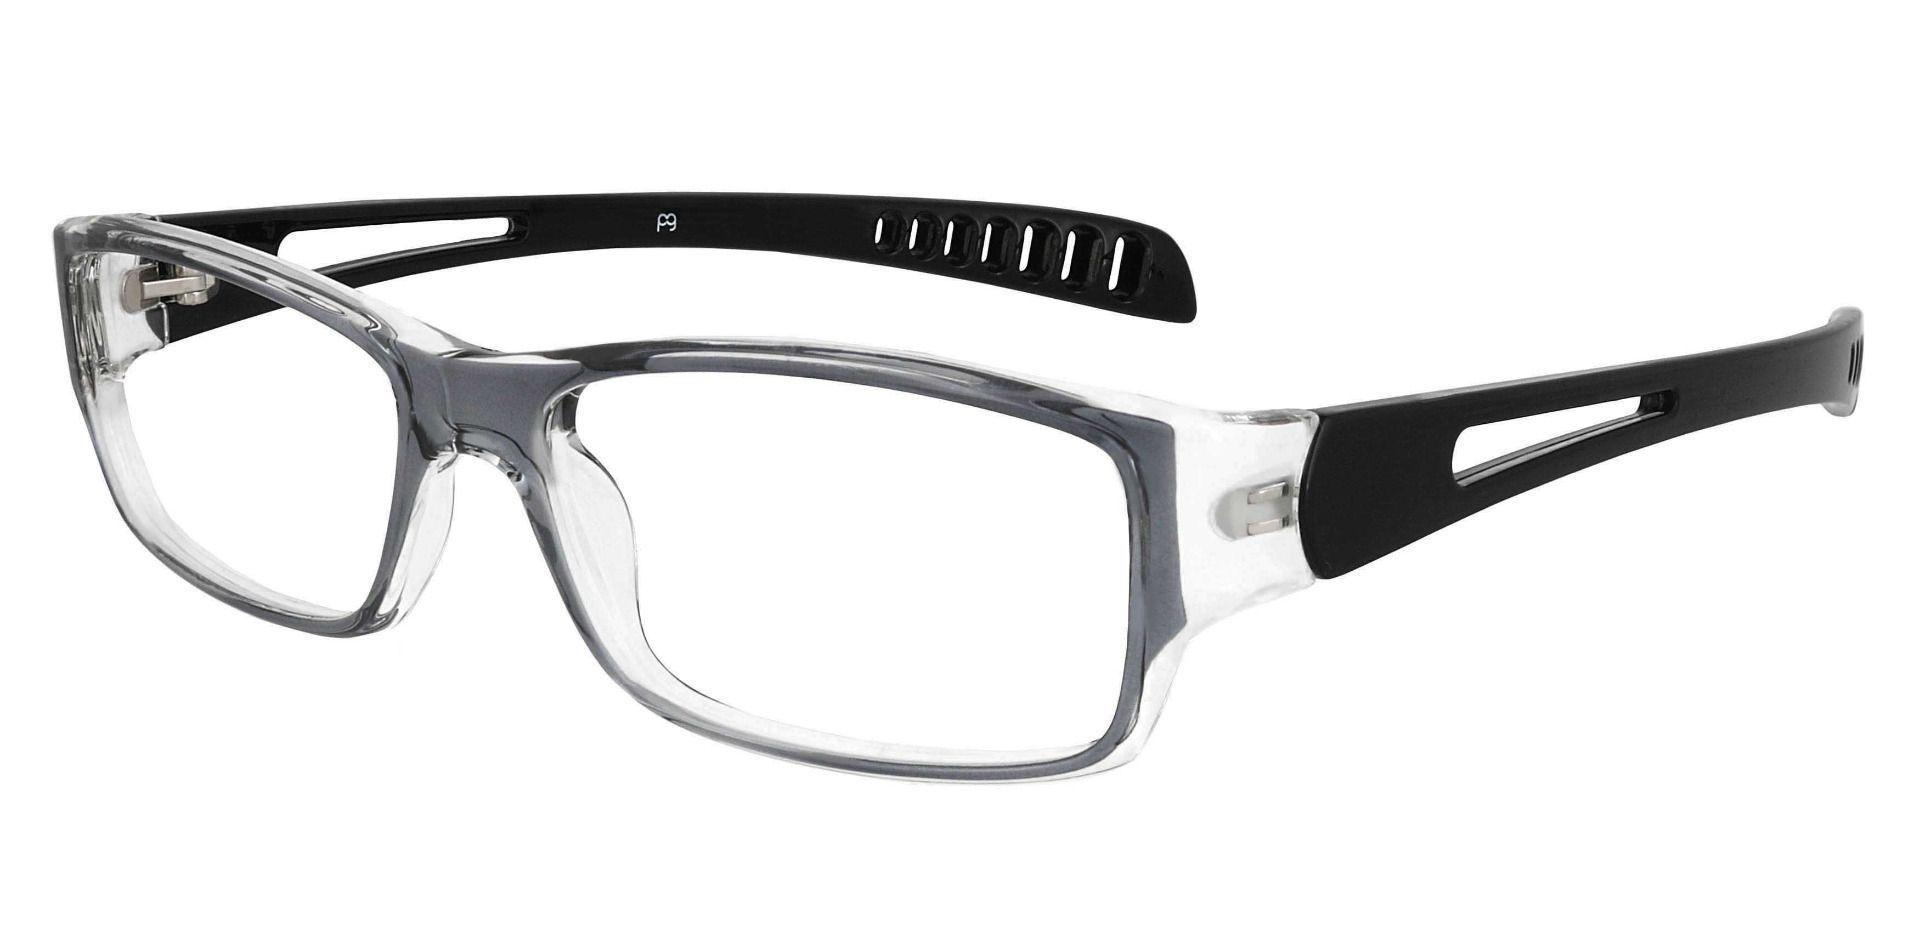 Mercury Rectangle Prescription Glasses - Gray